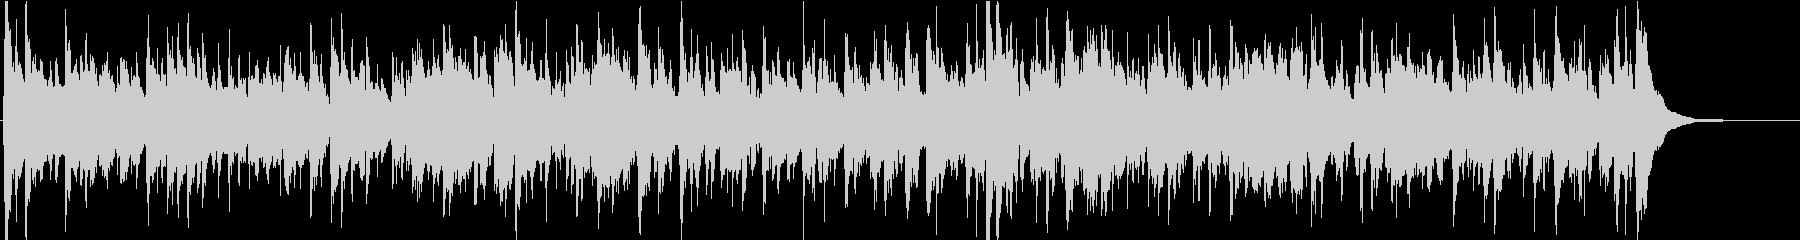 【生演奏】アコギのバッキングBGMの未再生の波形